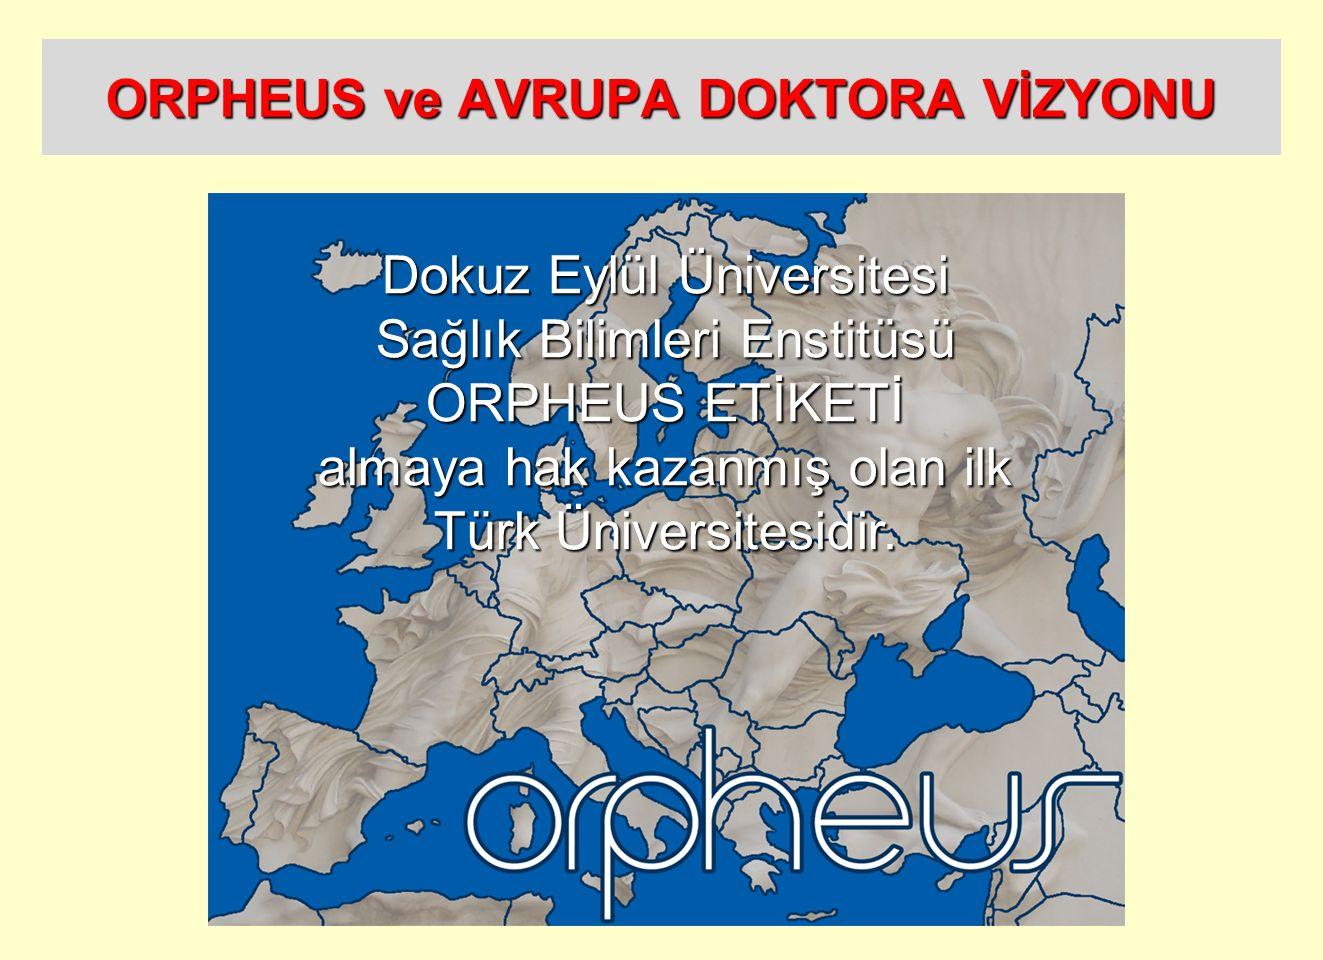 ORPHEUS ve AVRUPA DOKTORA VİZYONU Dokuz Eylül Üniversitesi Sağlık Bilimleri Enstitüsü ORPHEUS ETİKETİ almaya hak kazanmış olan ilk Türk Üniversitesidi